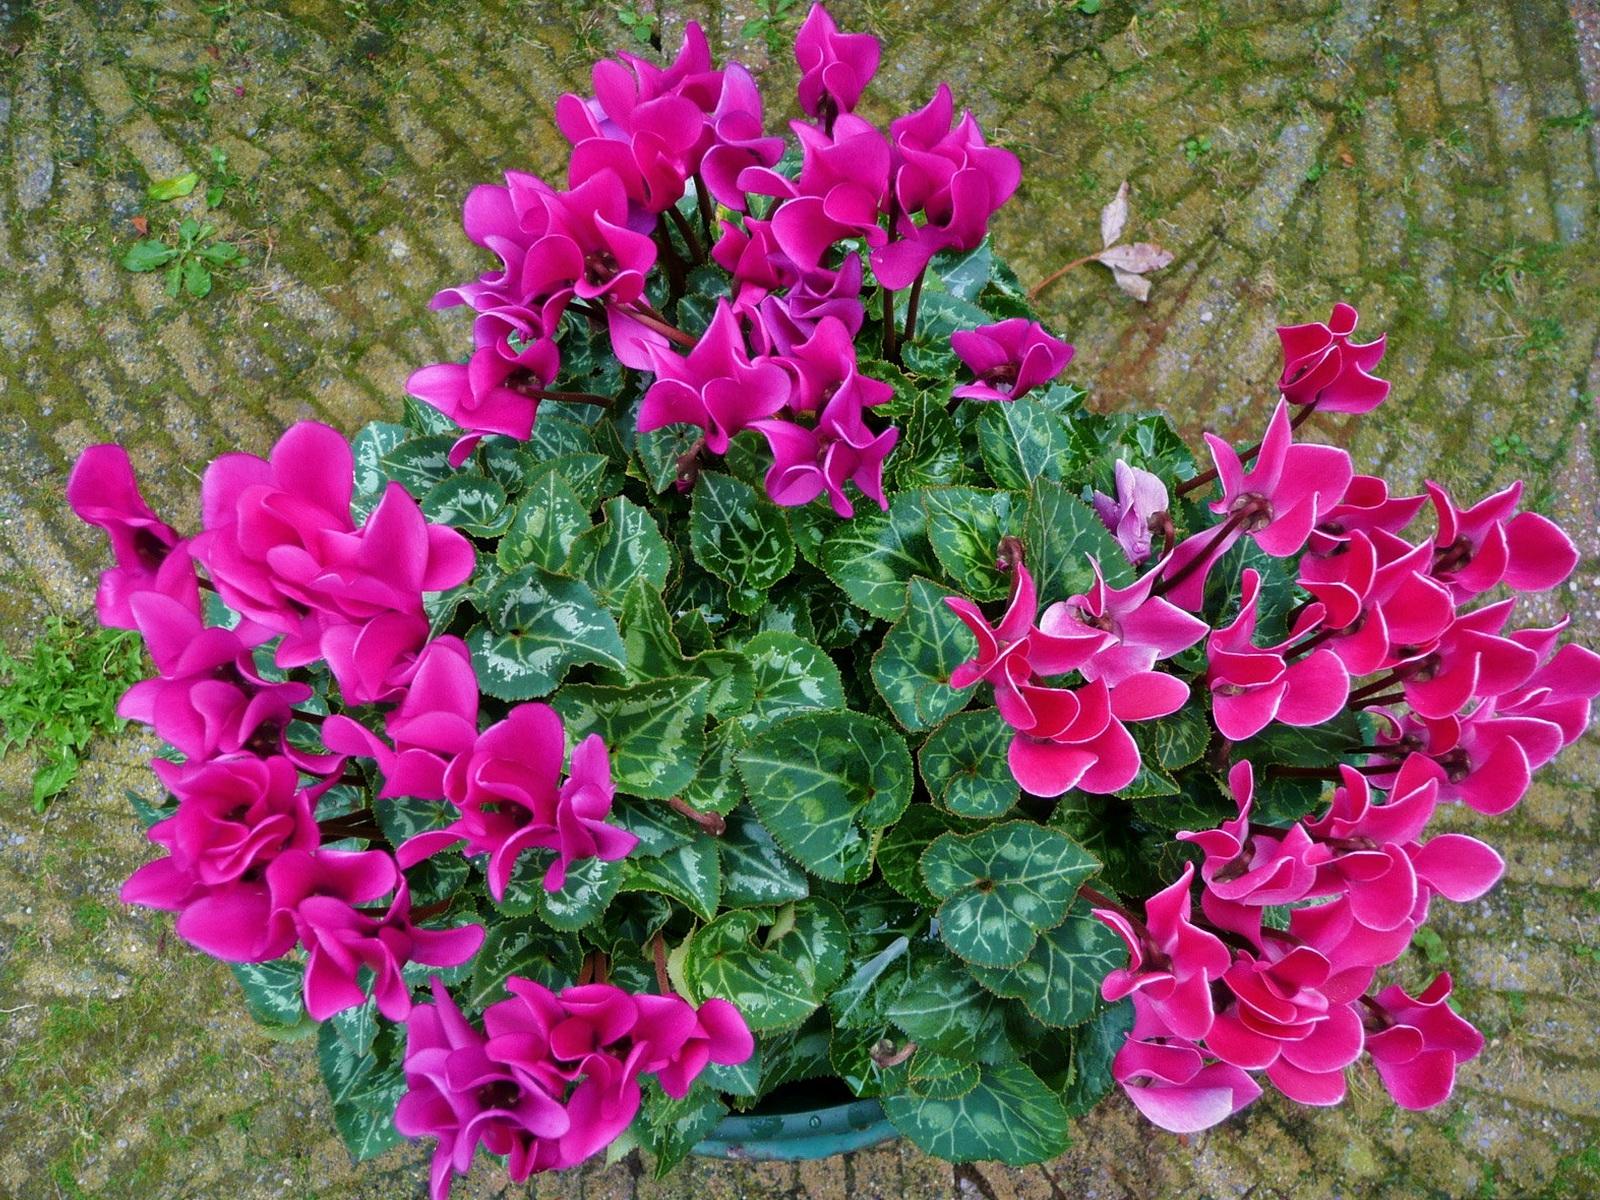 Ciclamini come curarli piante appartamento ciclamini cura for Zamioculcas cura